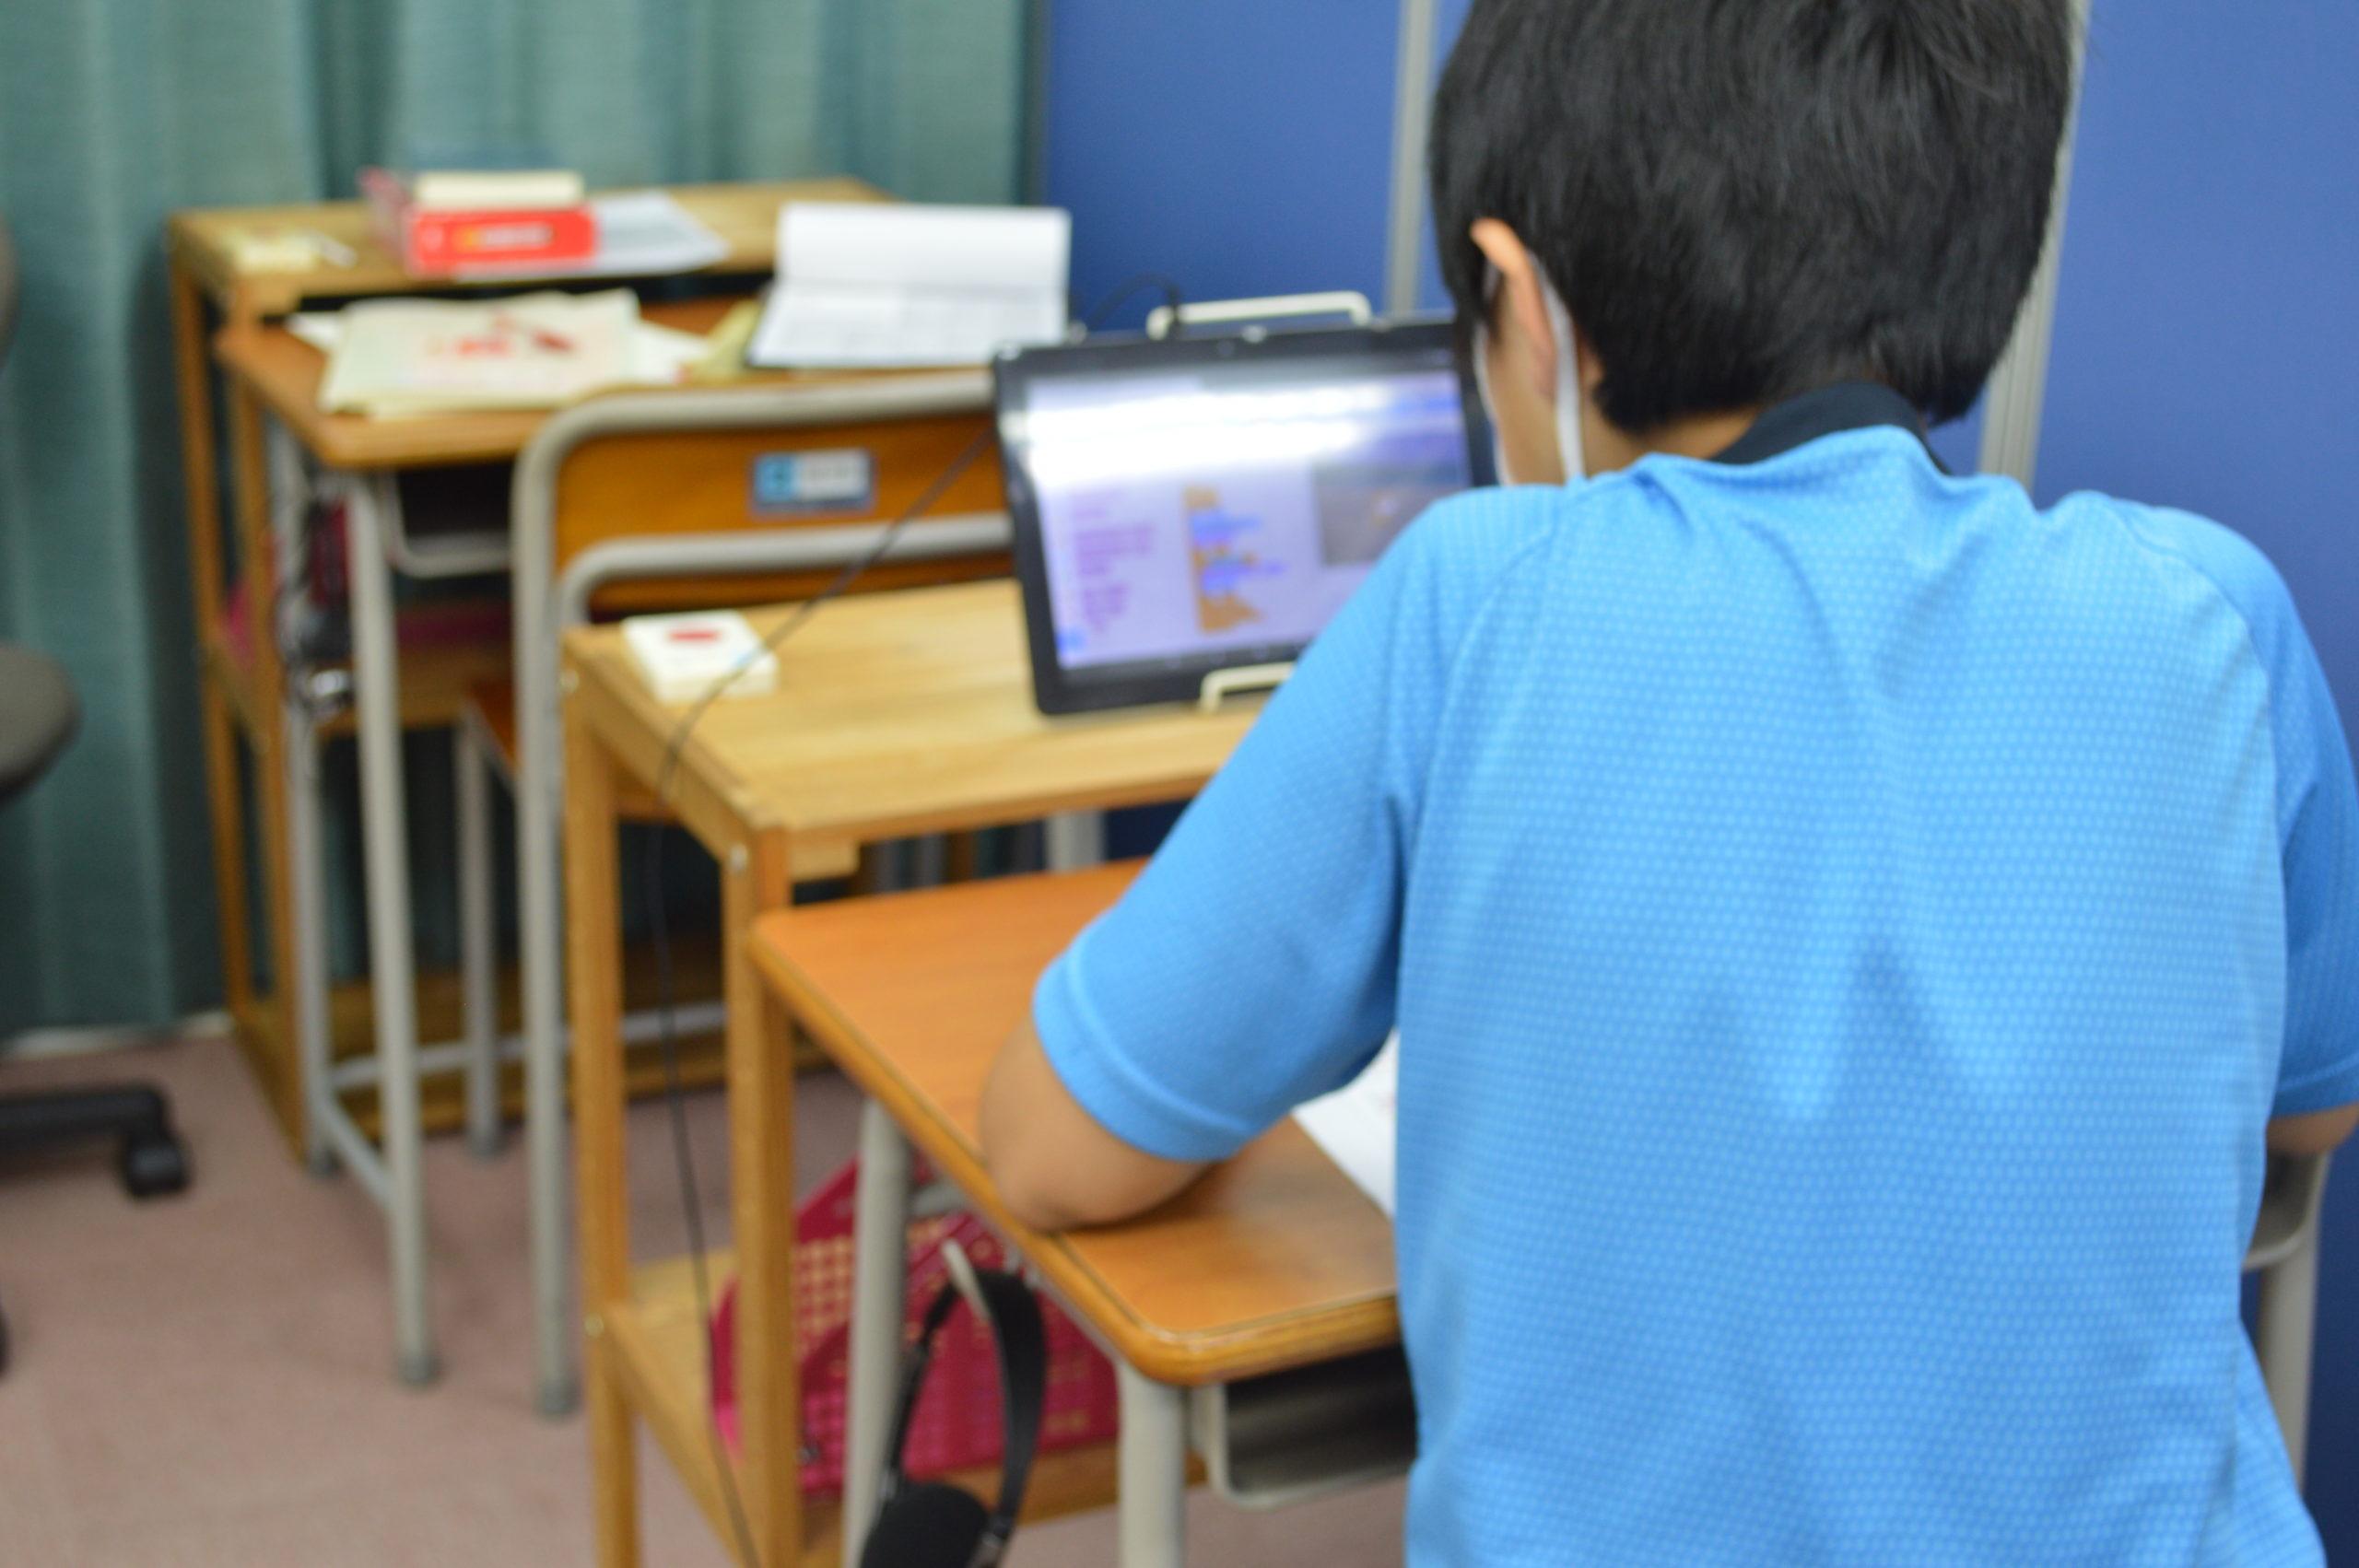 小学生 プログラミングpage-visual 小学生 プログラミングビジュアル